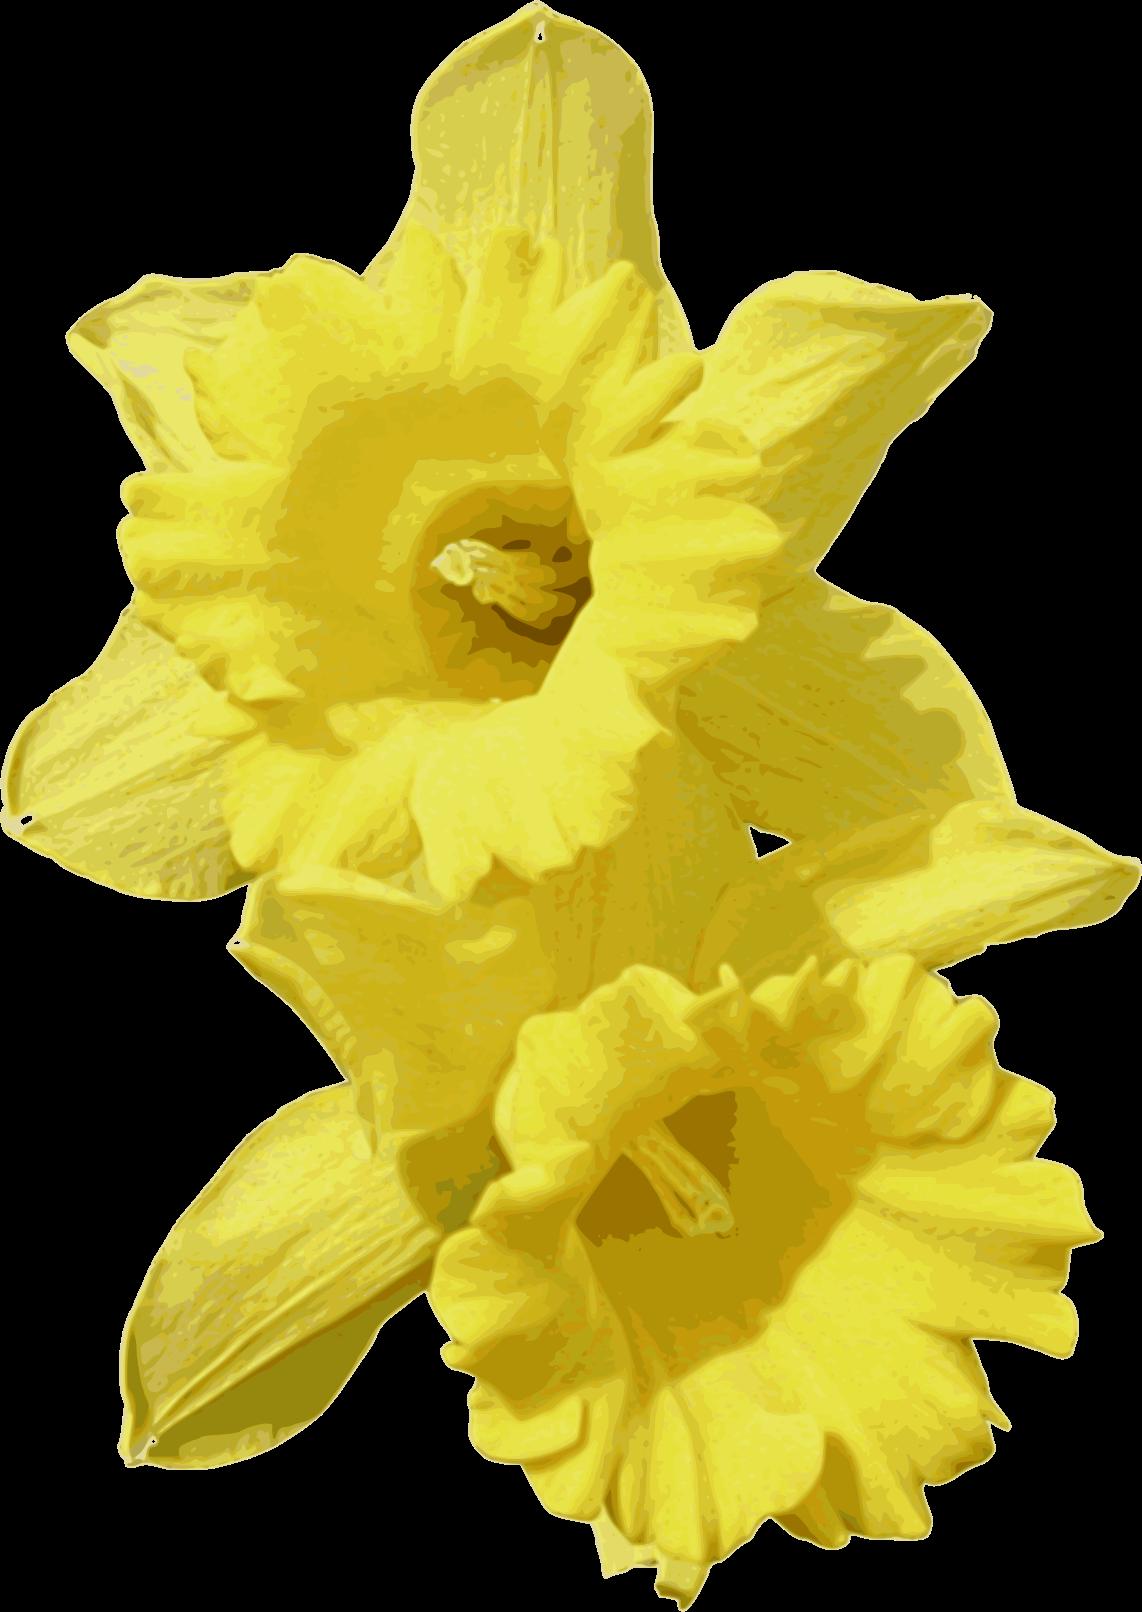 Daffodil clipart big flower, Daffodil big flower ...